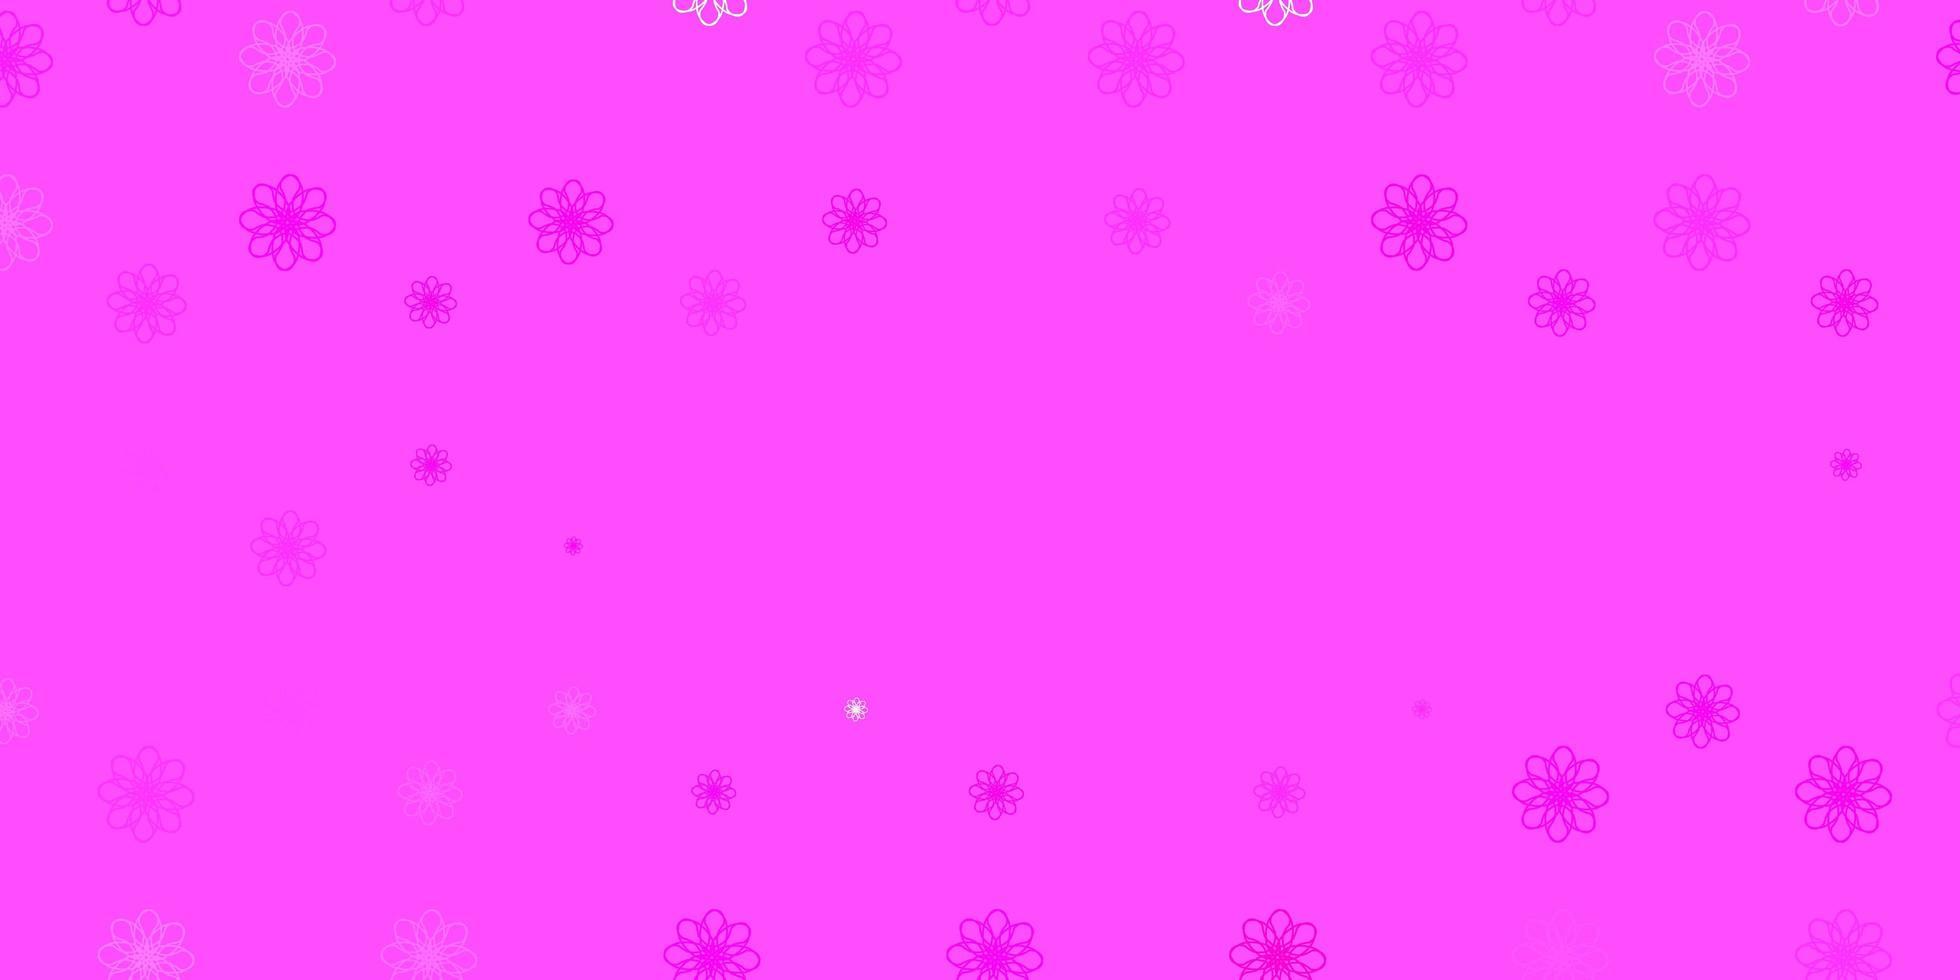 sfondo vettoriale rosa chiaro con linee ironiche.